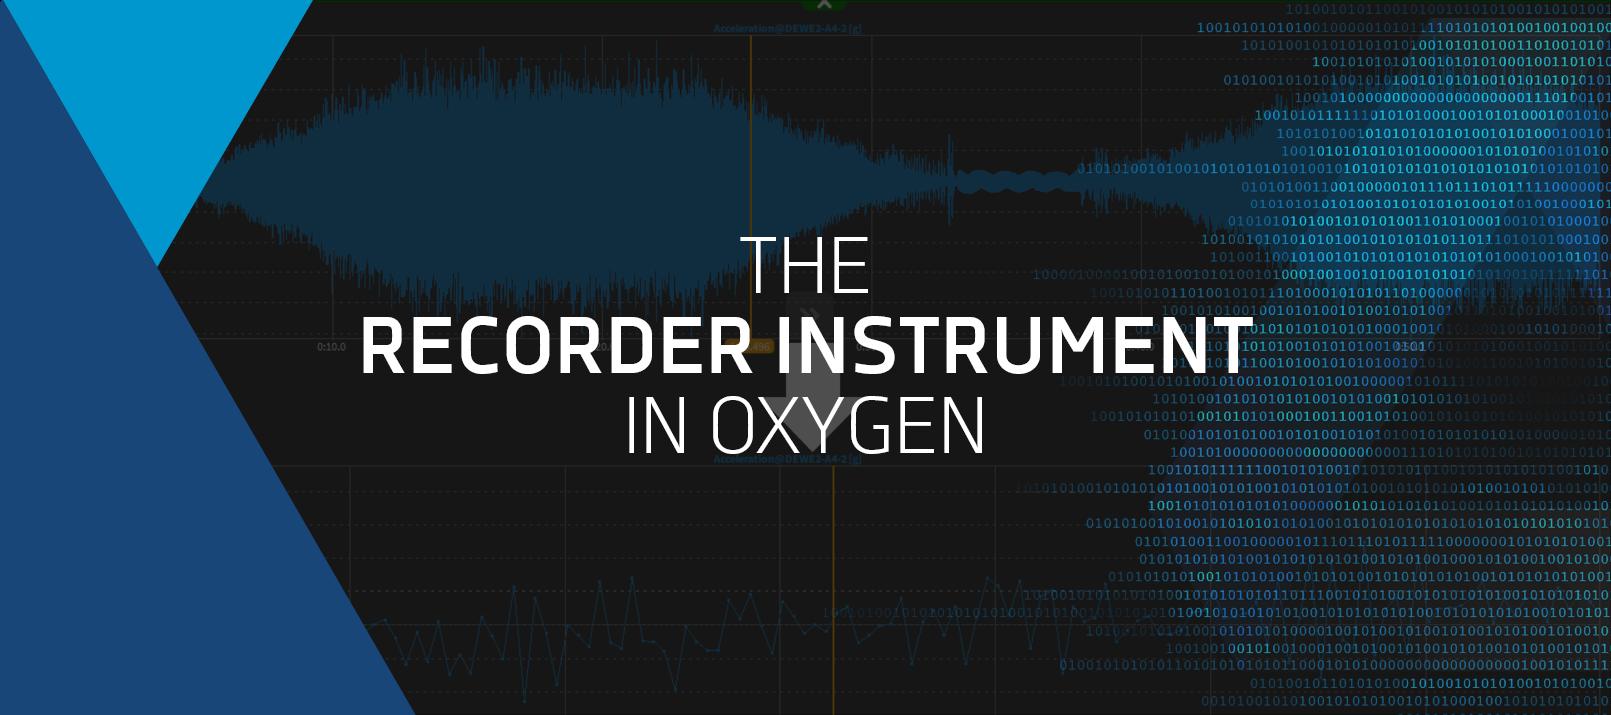 oxygen-recorder-instrument